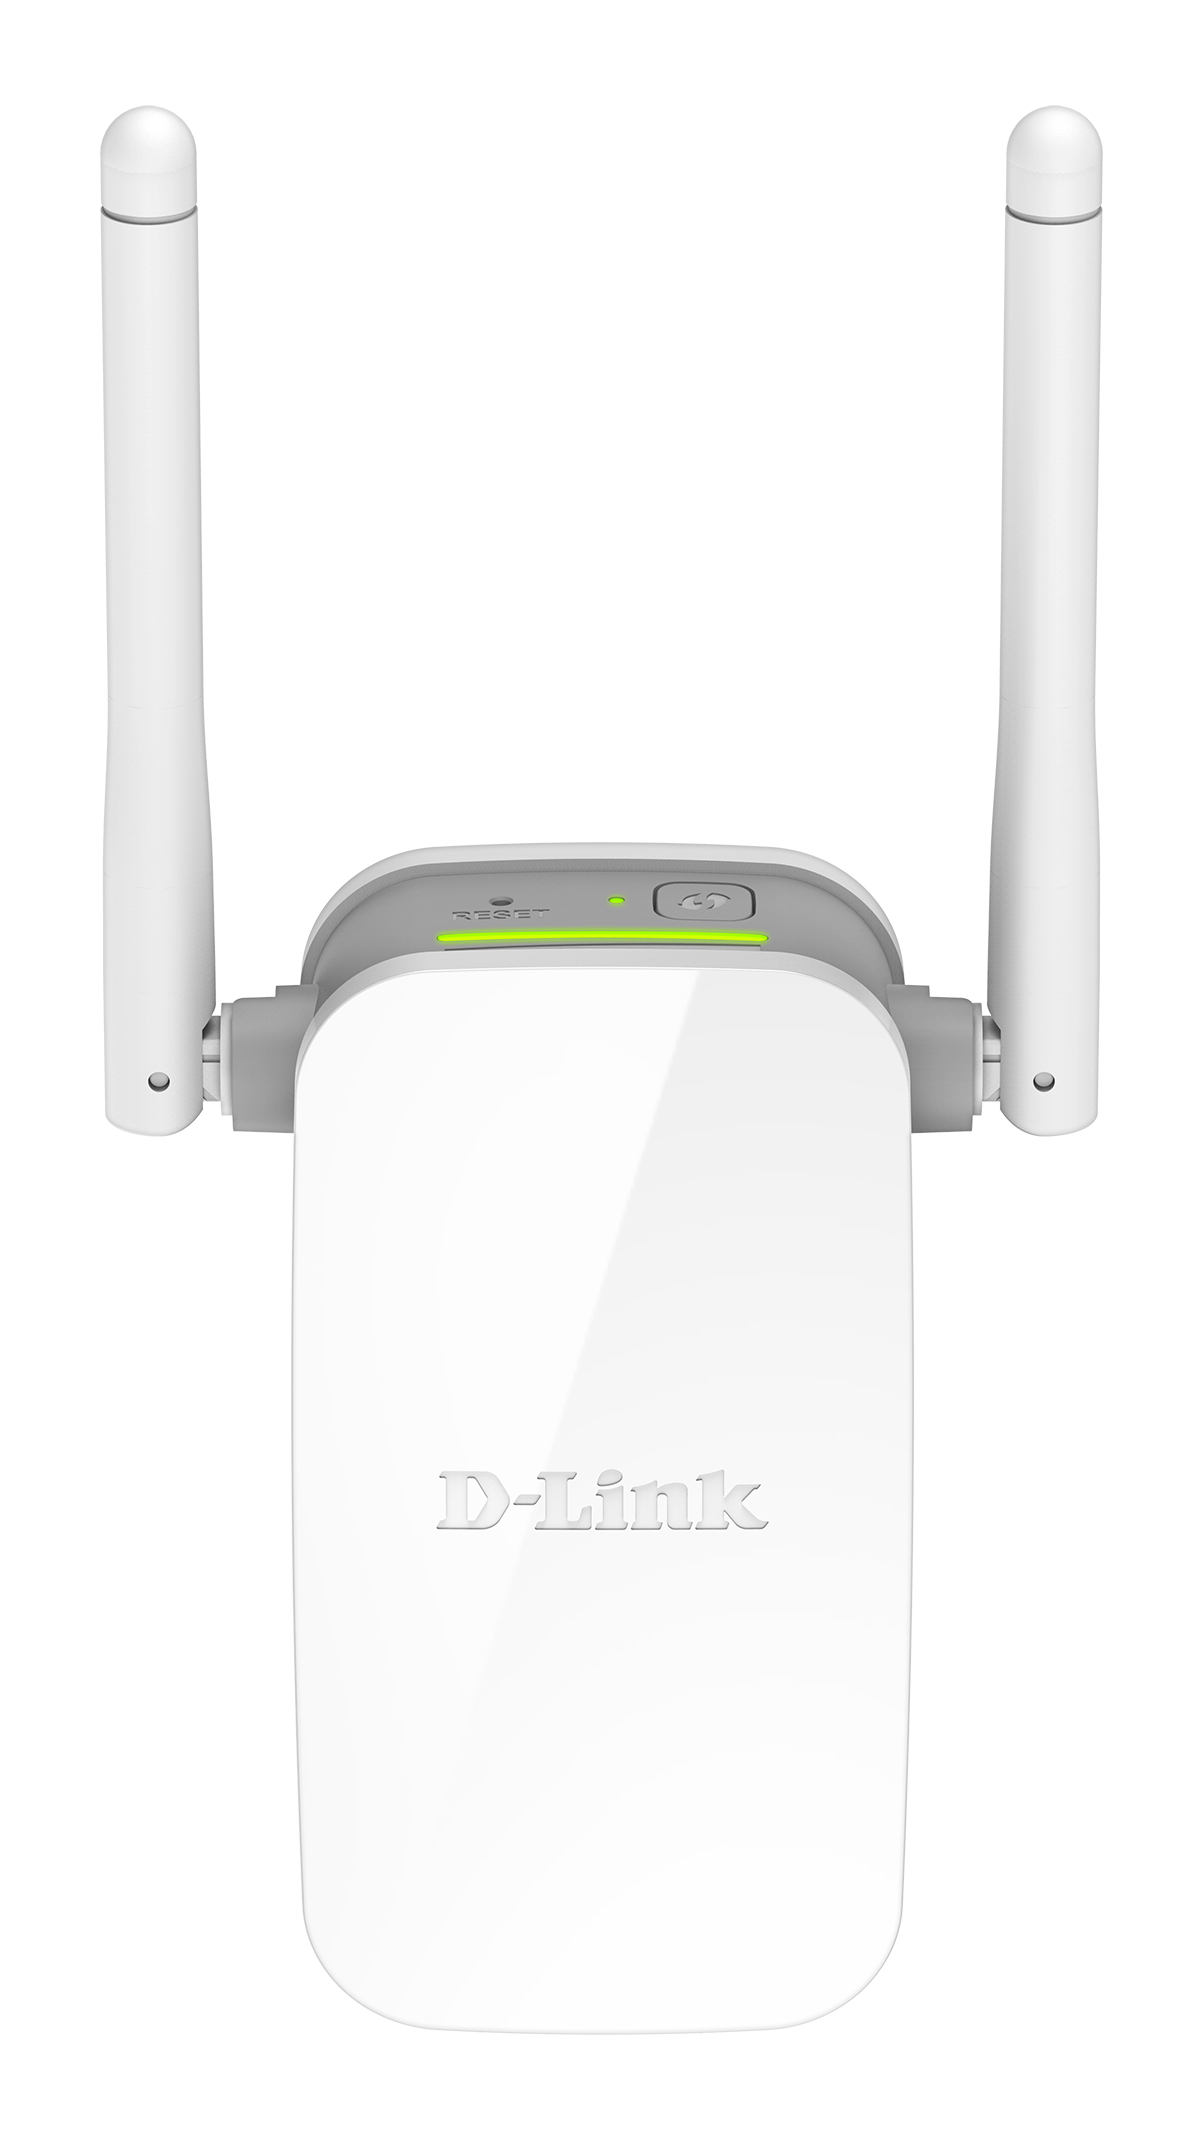 D-Link DAP-1325 Ripetitore di rete Bianco 10, 100 Mbit/s